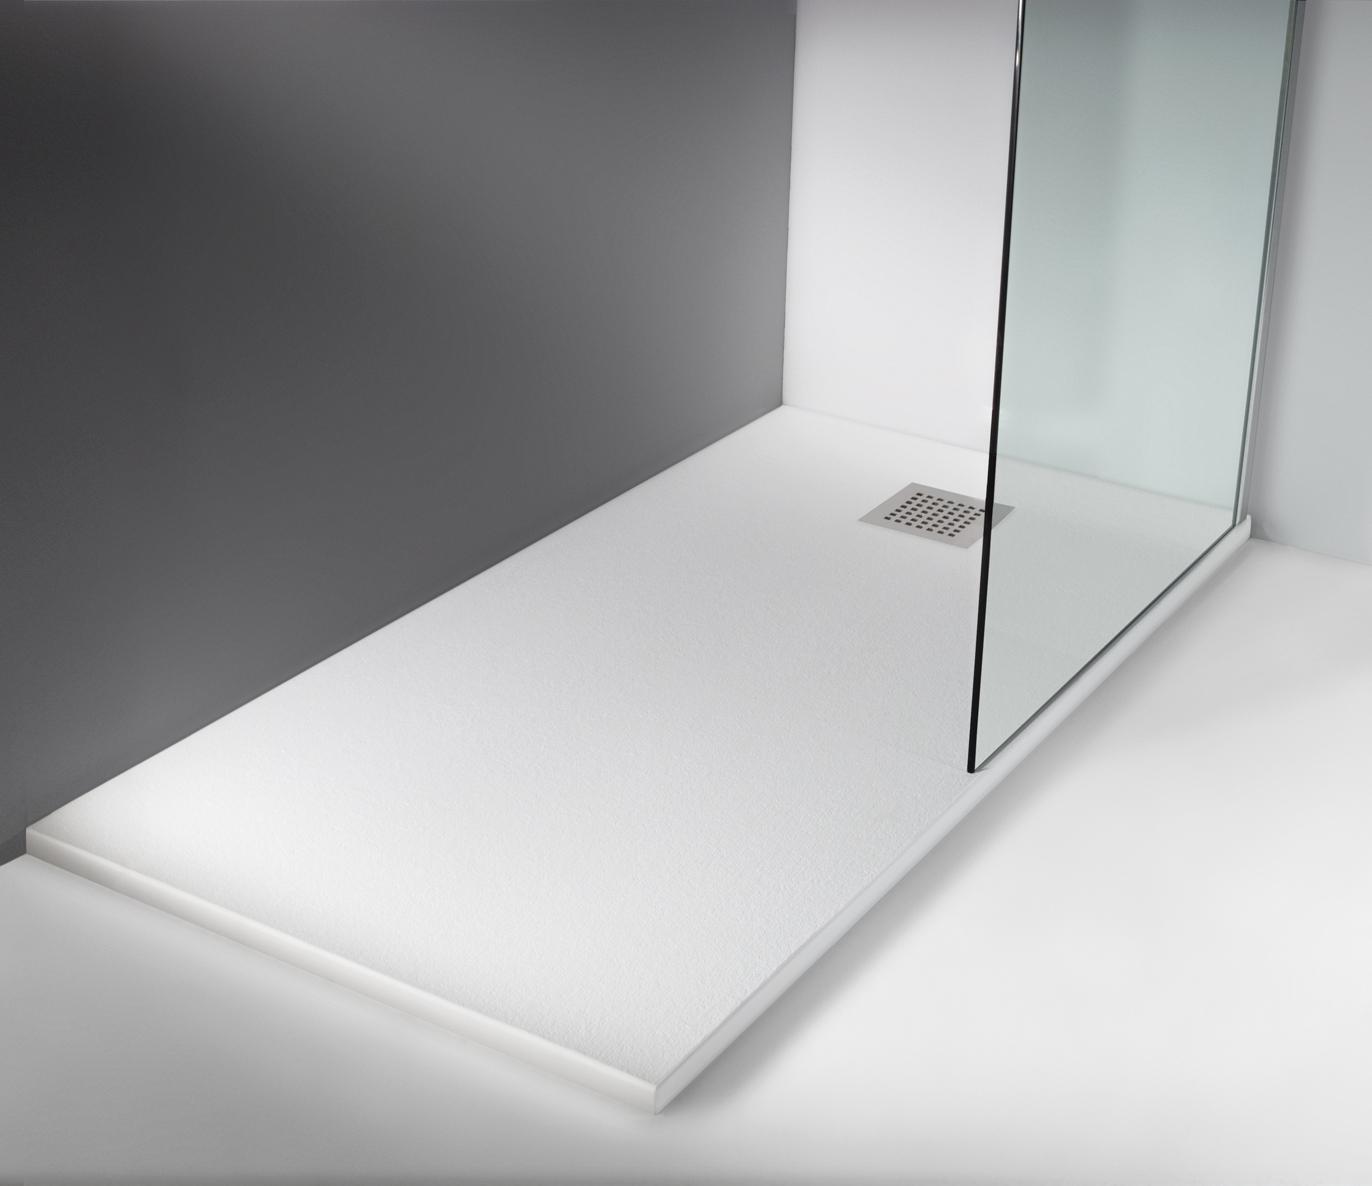 Duchas con accesibilidad m p instalaciones platos de - Baldosas para duchas ...